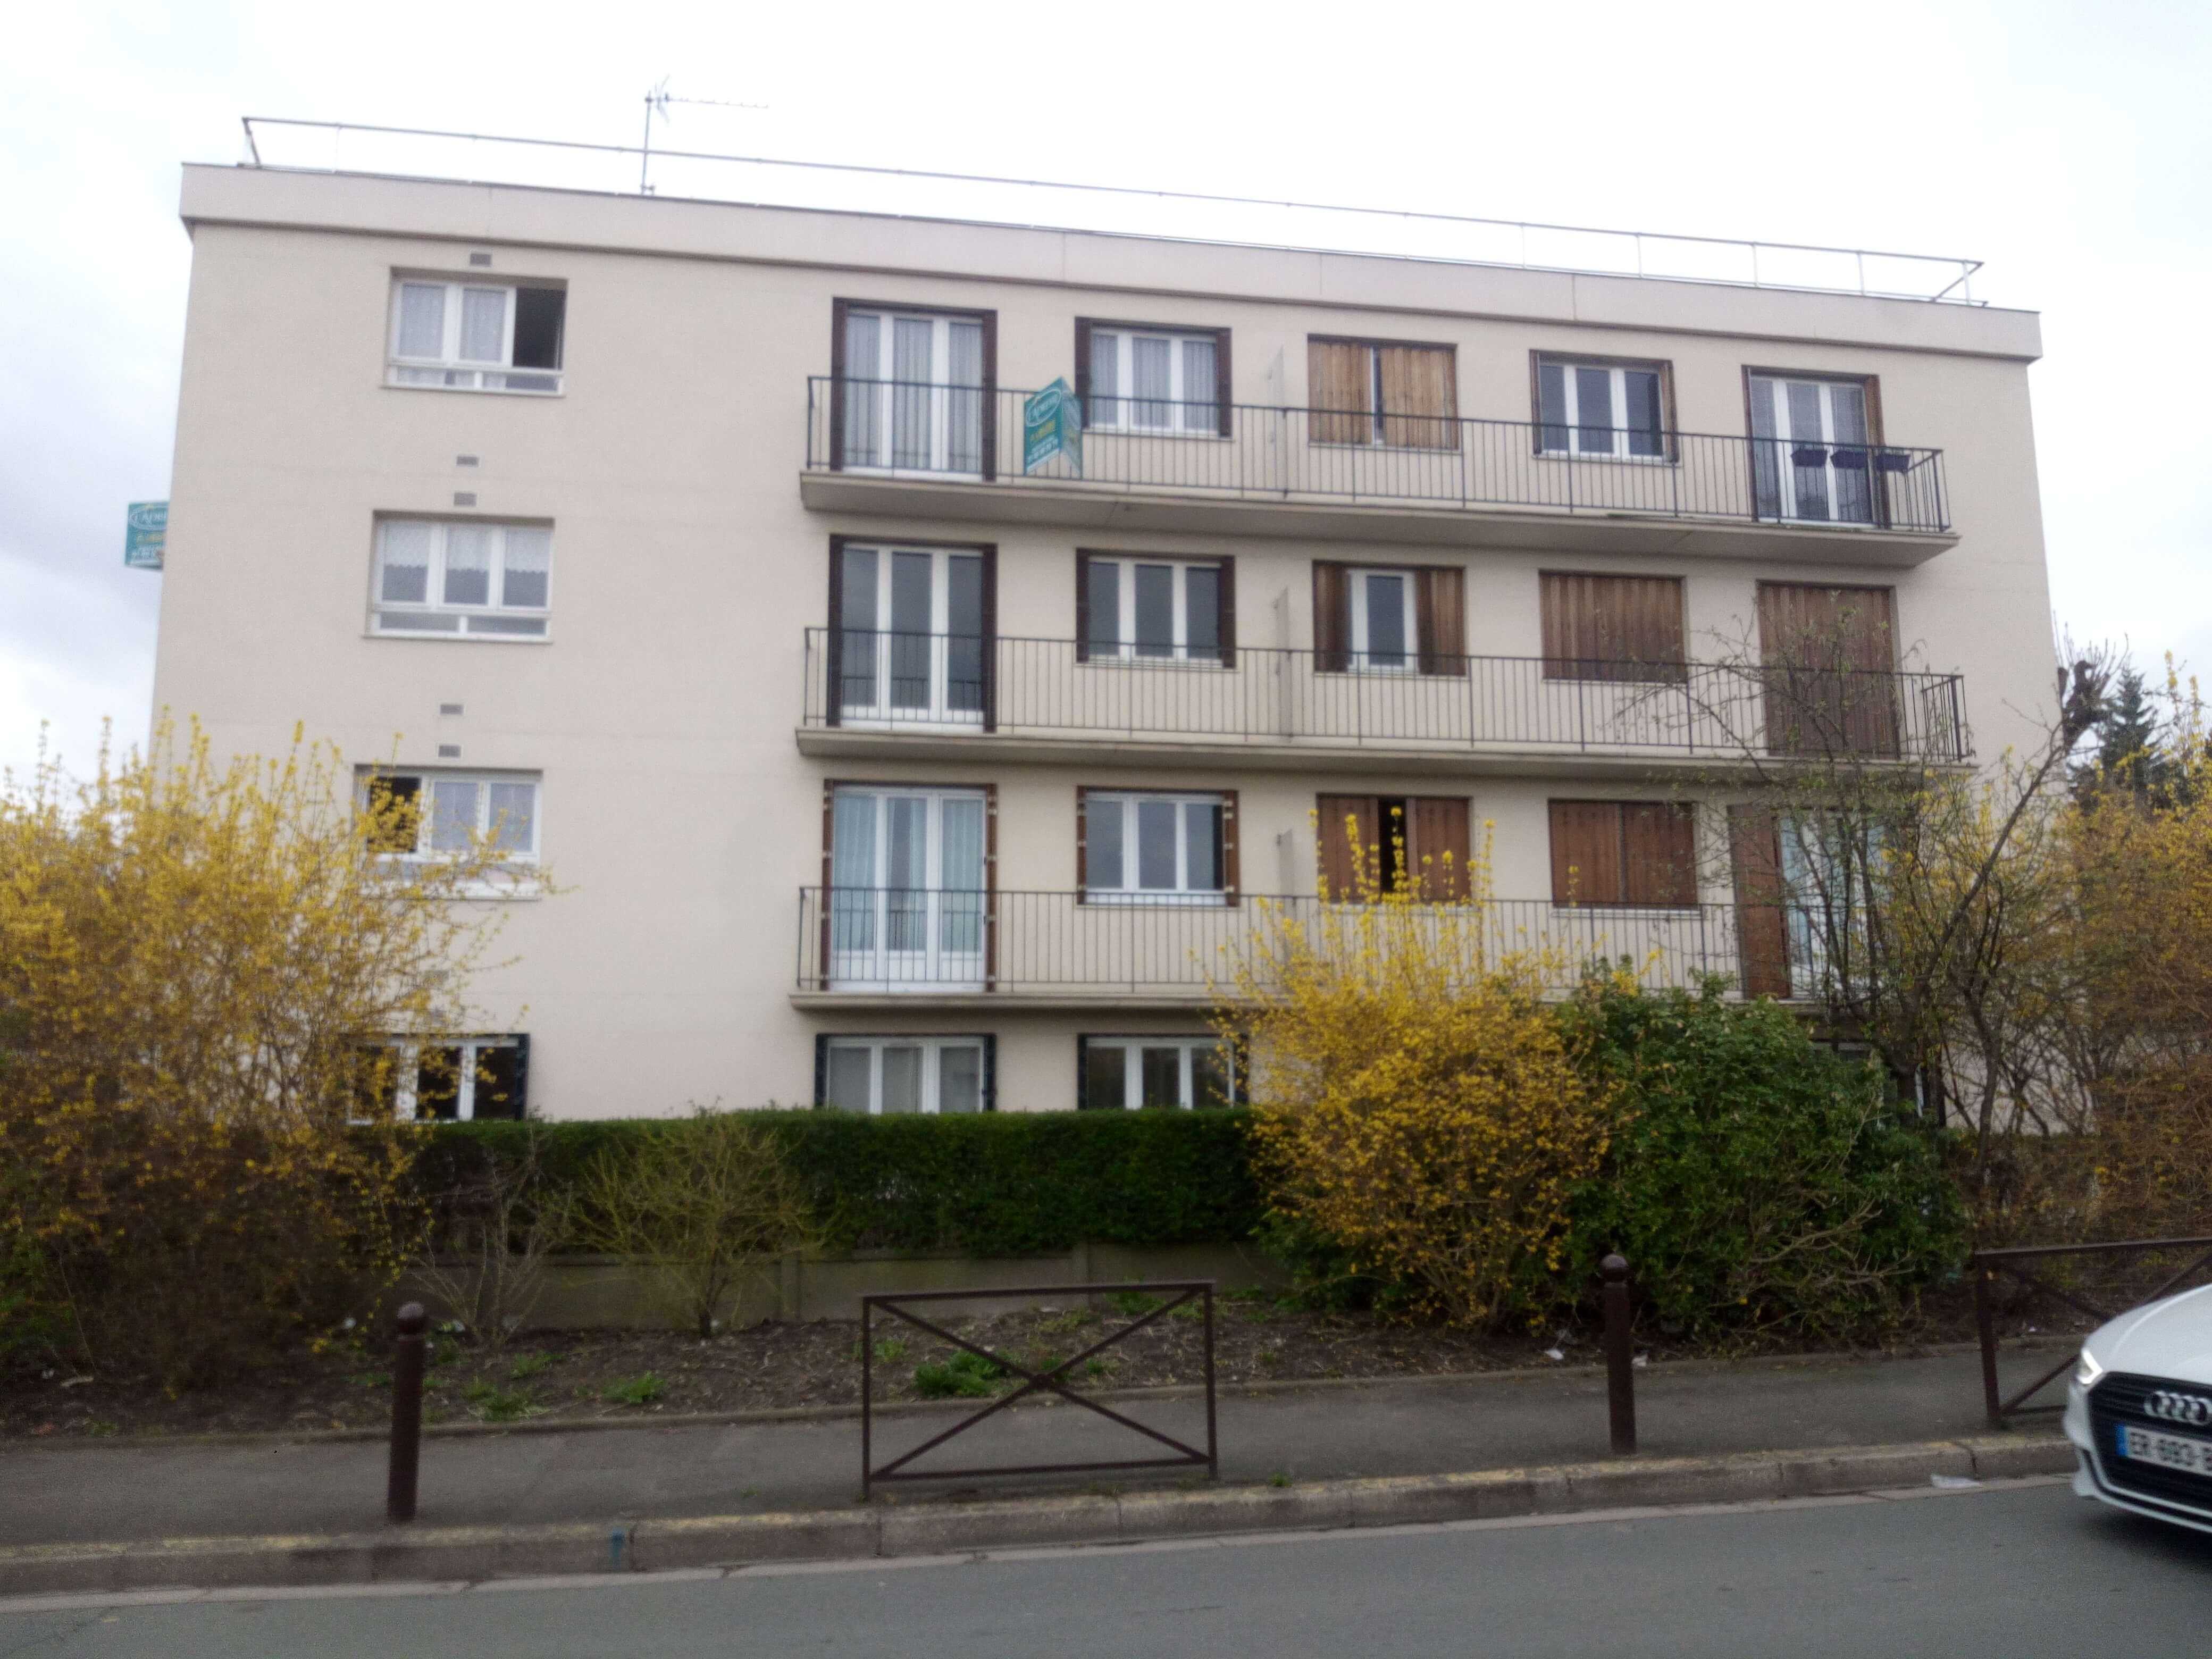 Appartement 4 pièces 86m2 à CRETEIL (94000)